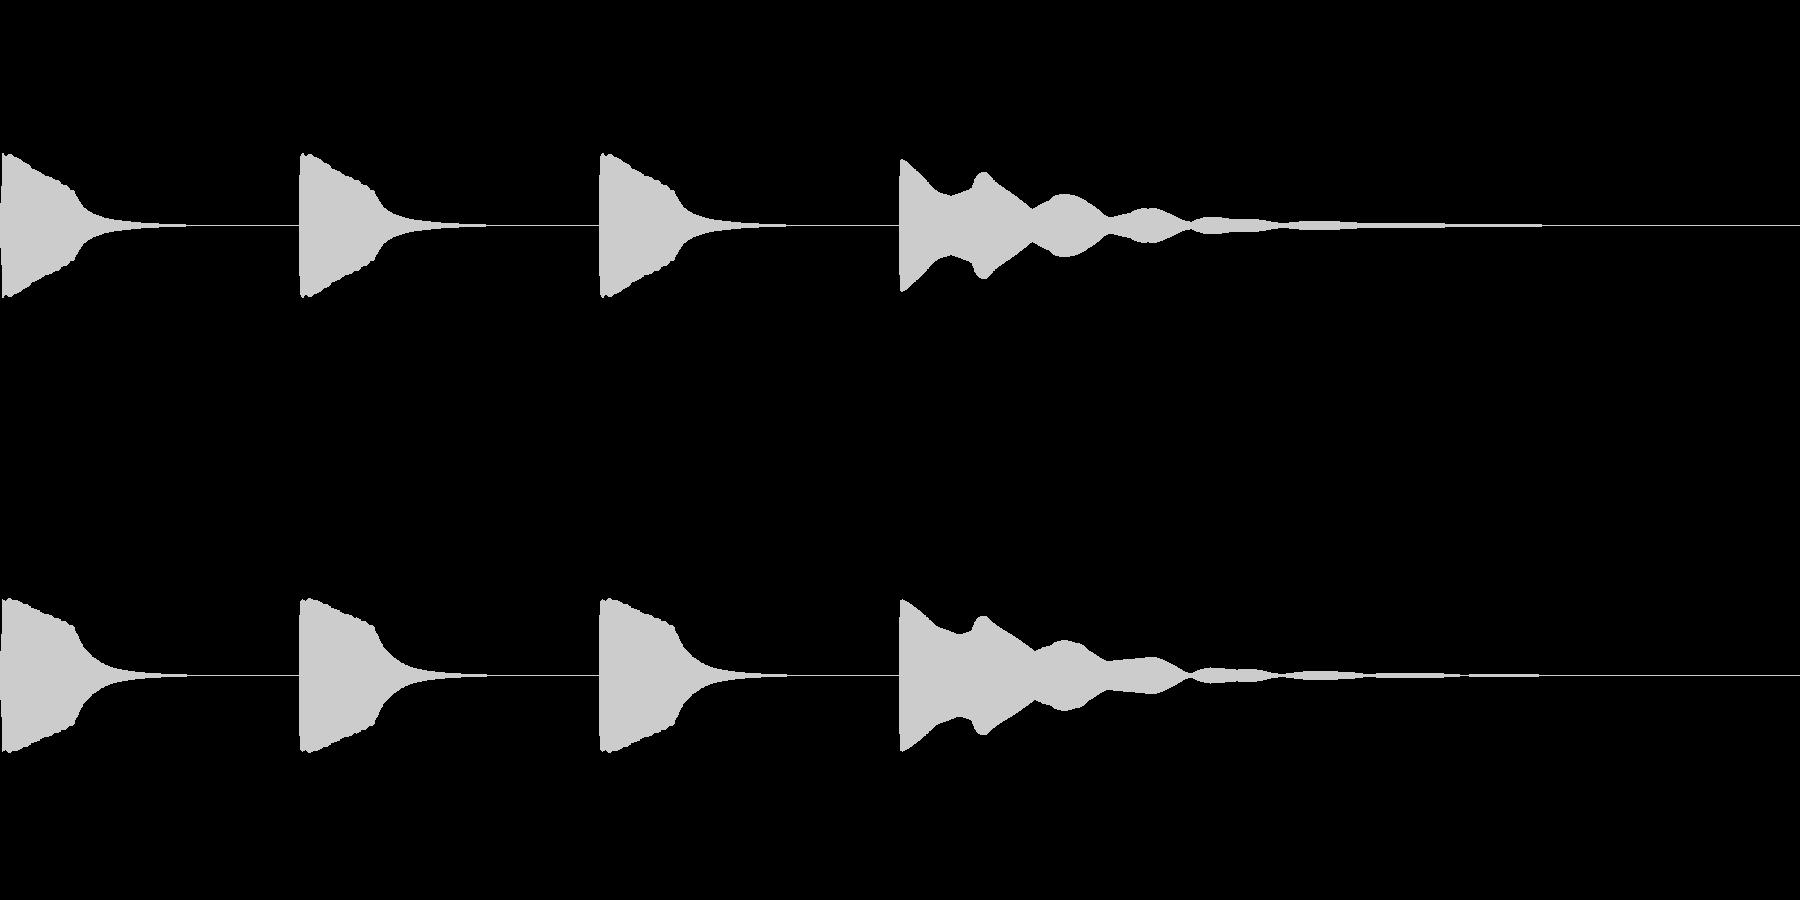 レースのスタート音・時報 (ノーマル音)の未再生の波形